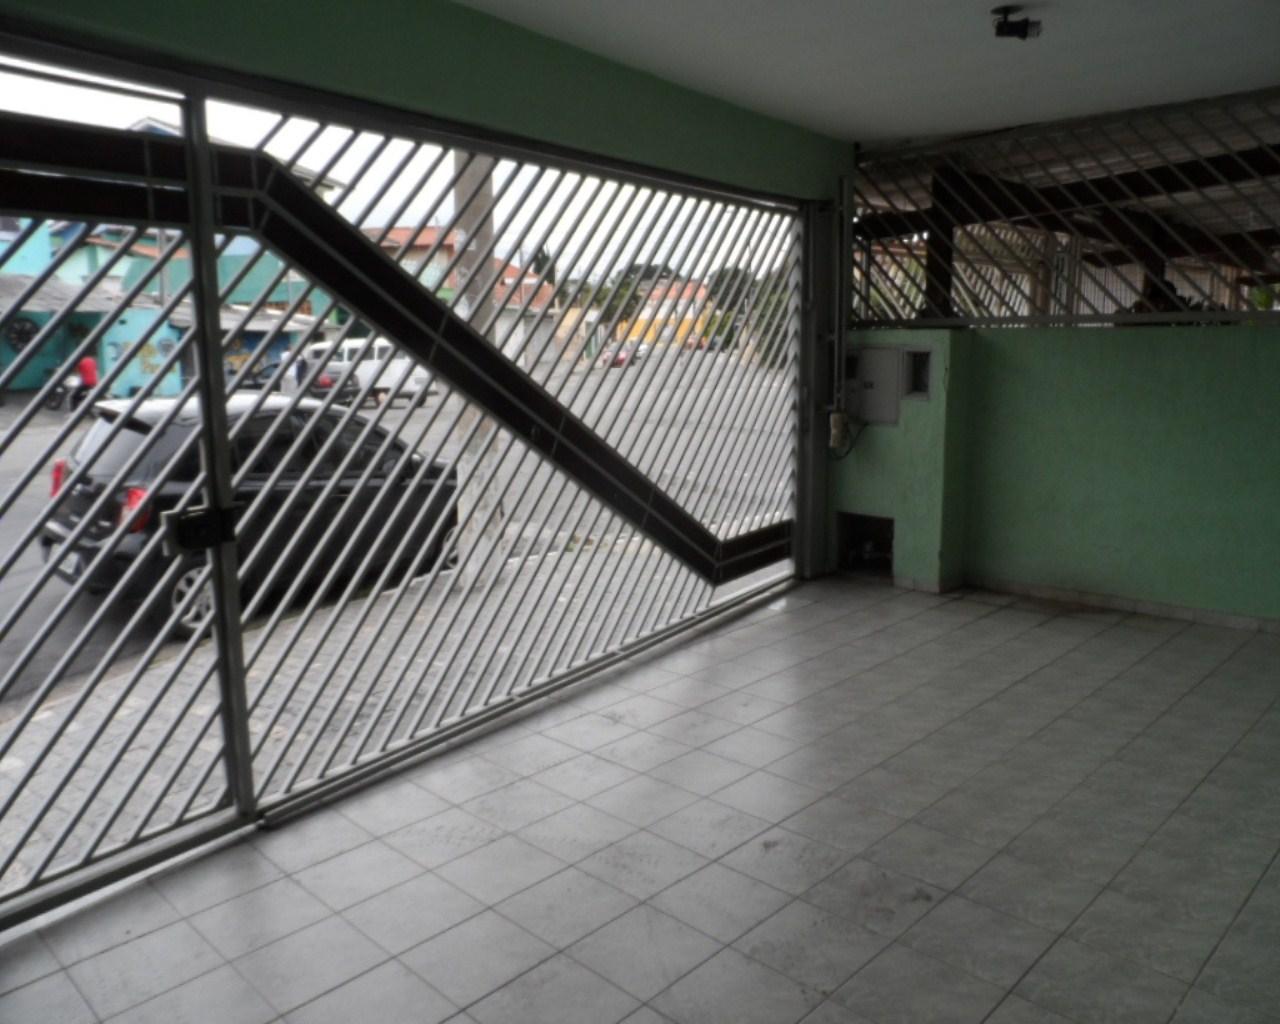 Sobrado 3 dormitórios permuta por apartamento em Guarulhos